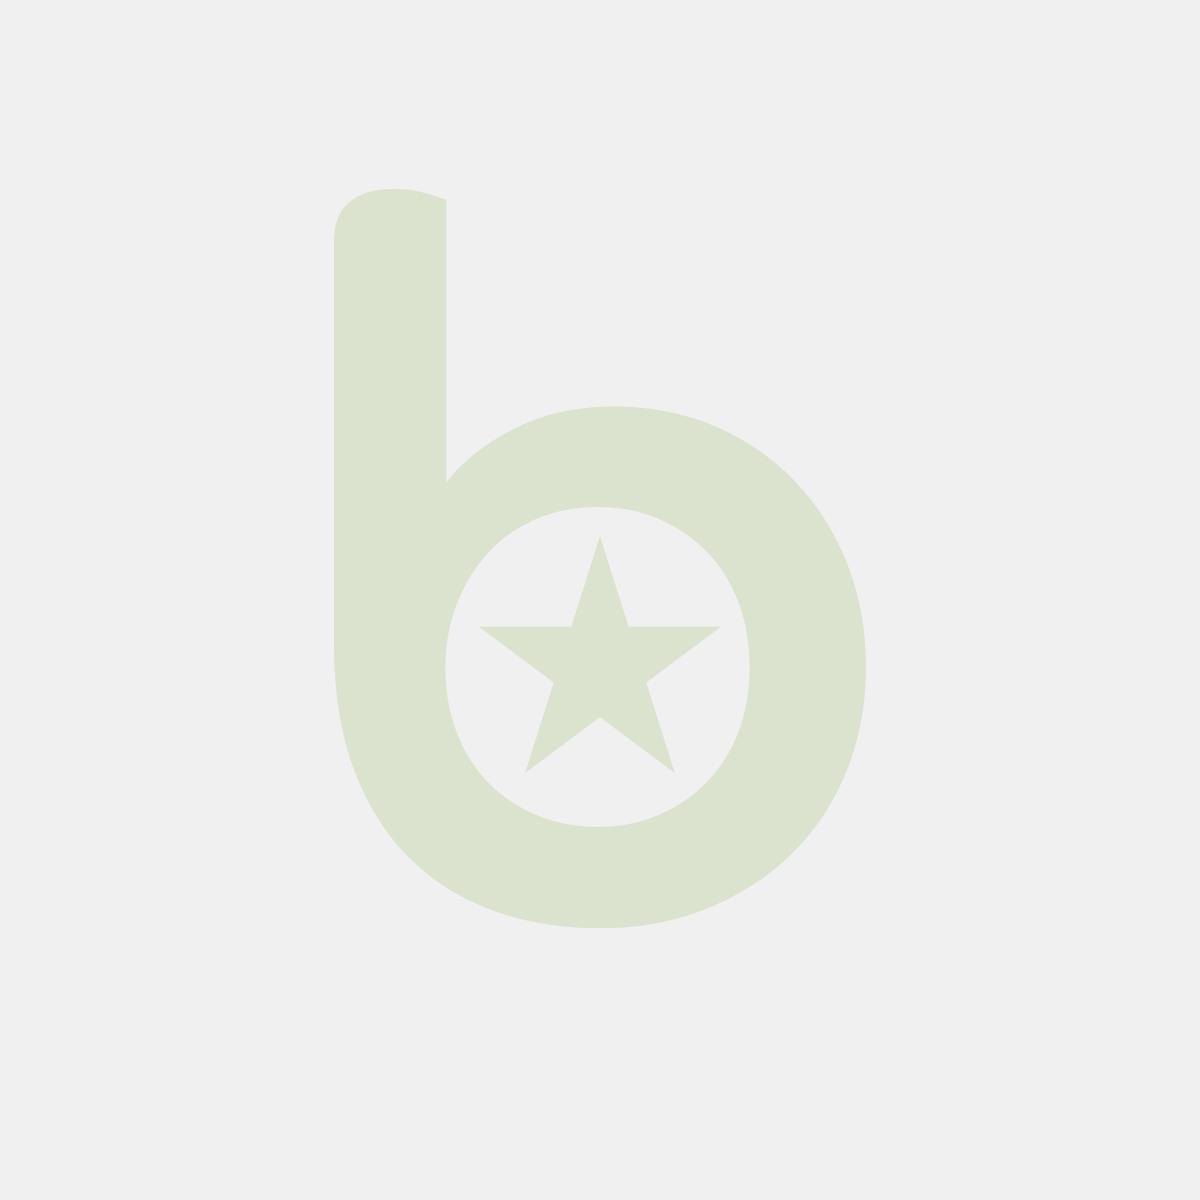 Worki polipropylenowe (PP) 40x60cm (30g)- 15kg, cena za 100szt